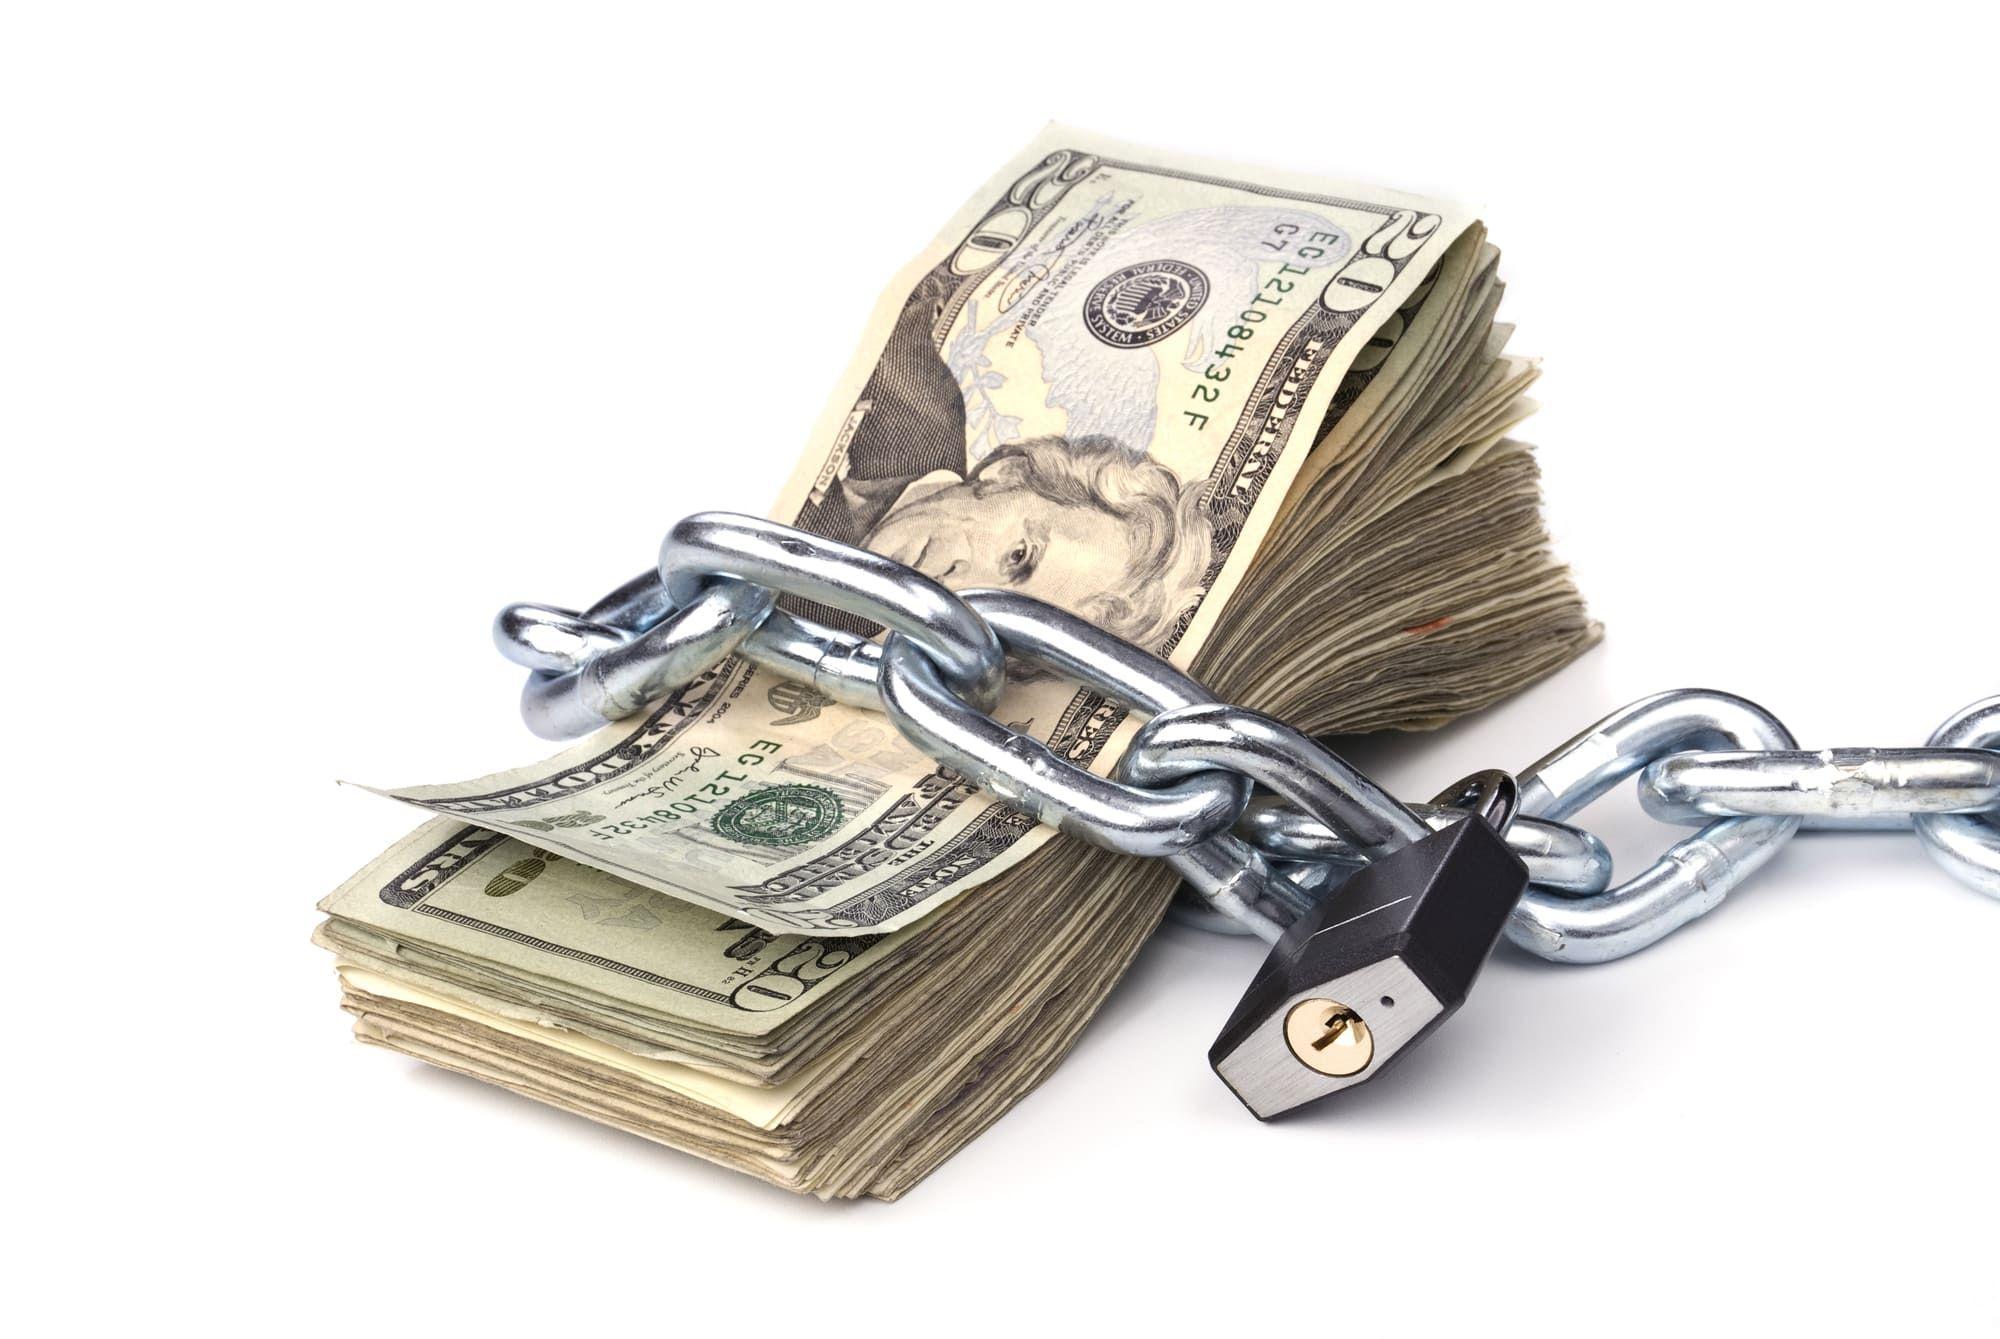 Случаи удержаний из заработной платы работника: действительно ли перечень исчерпывающий